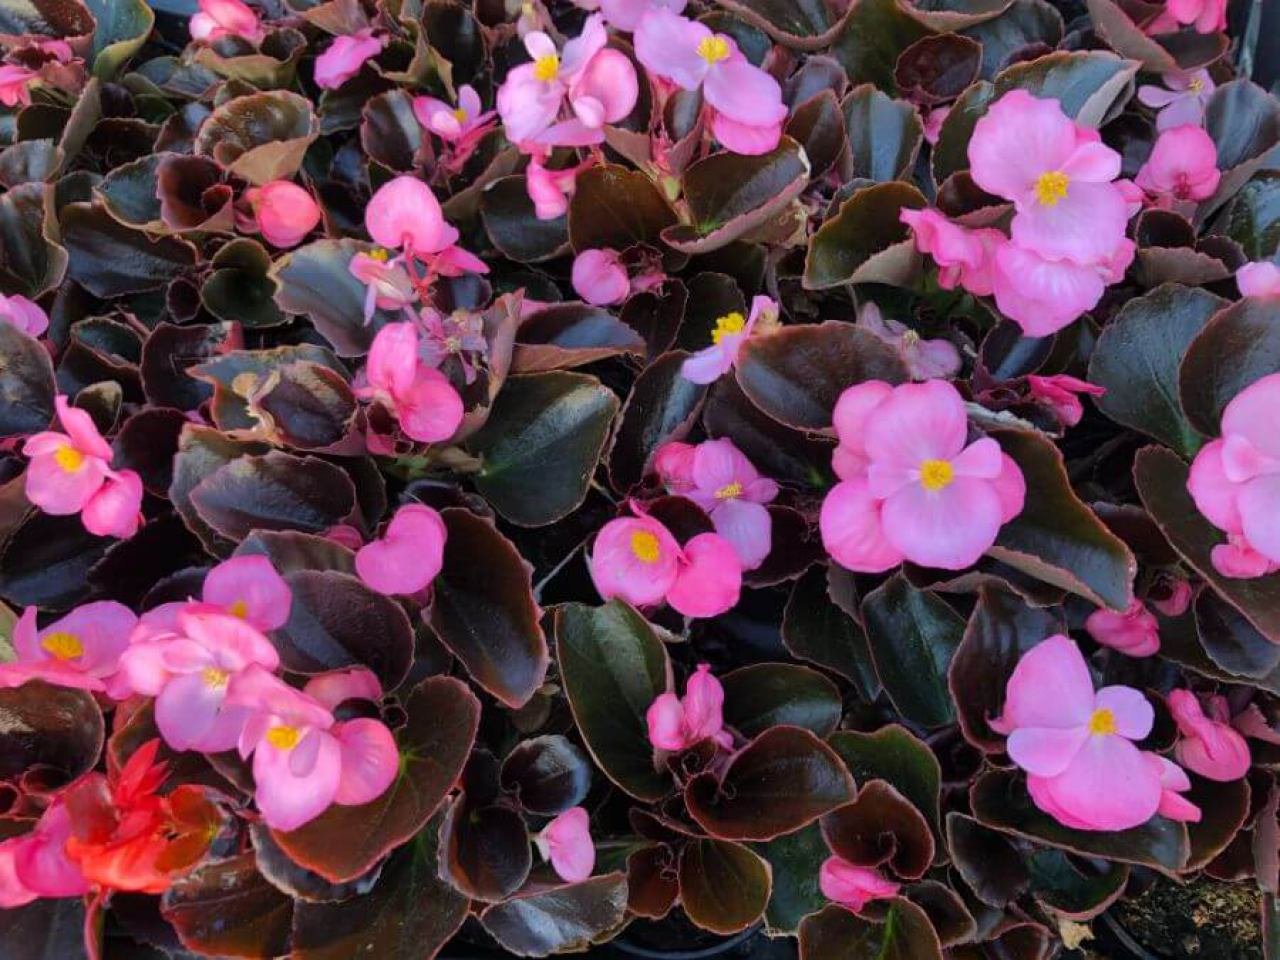 flora-commerce-2101627411.jpg